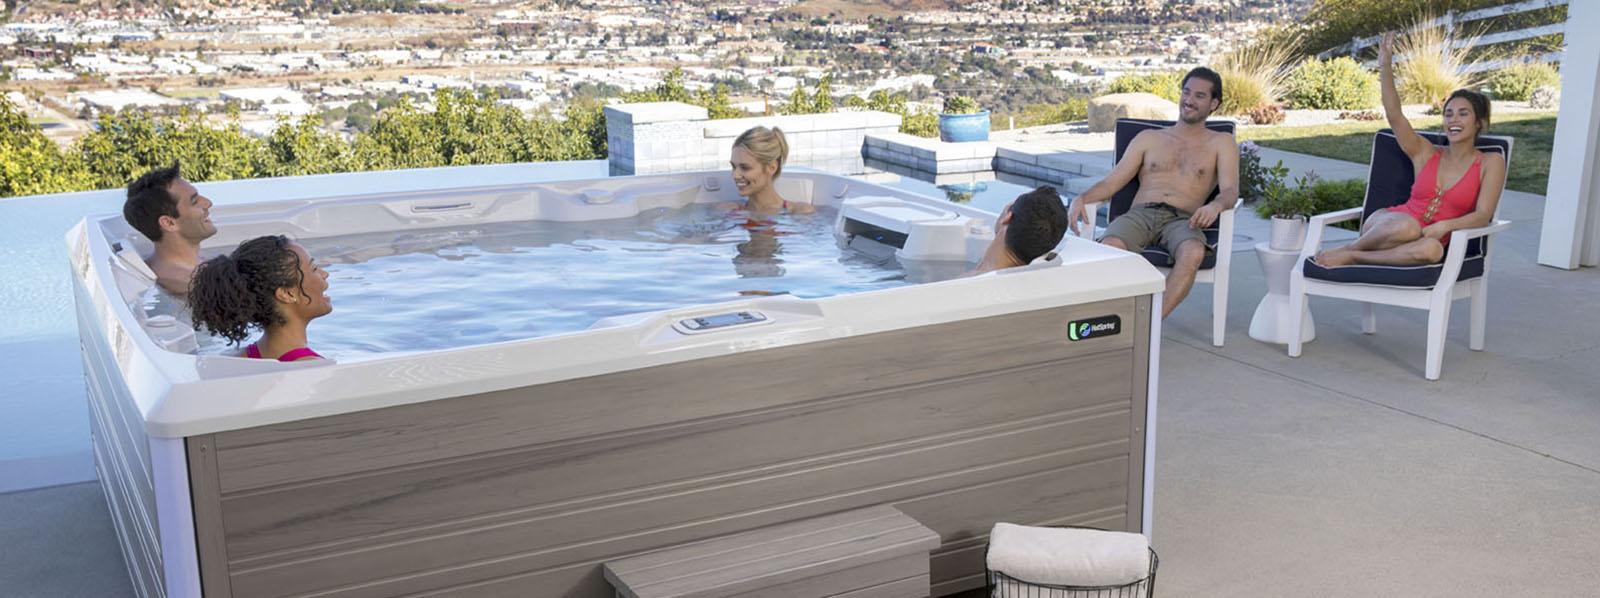 hot-spring-limelight-prism-hot-tub-spa-model-hero